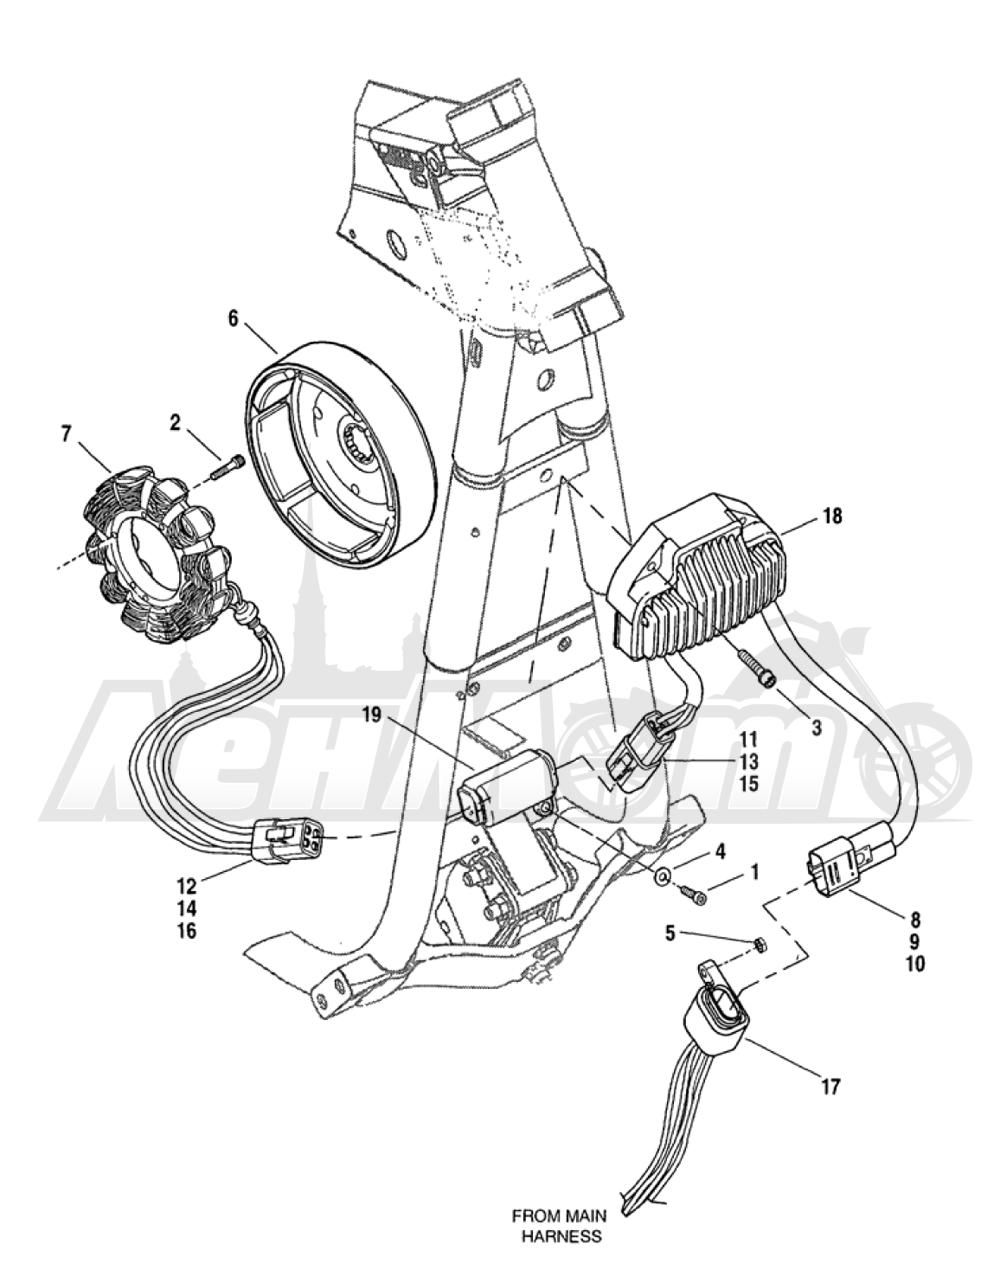 Запчасти для Мотоцикла Harley-Davidson 2005 FXDL DYNA® LOW RIDER (GD) Раздел: ELECTRICAL - ALTERNATOR W/ VOLTAGE REGULATOR | электрика генератор вместе с регулятор напряжения